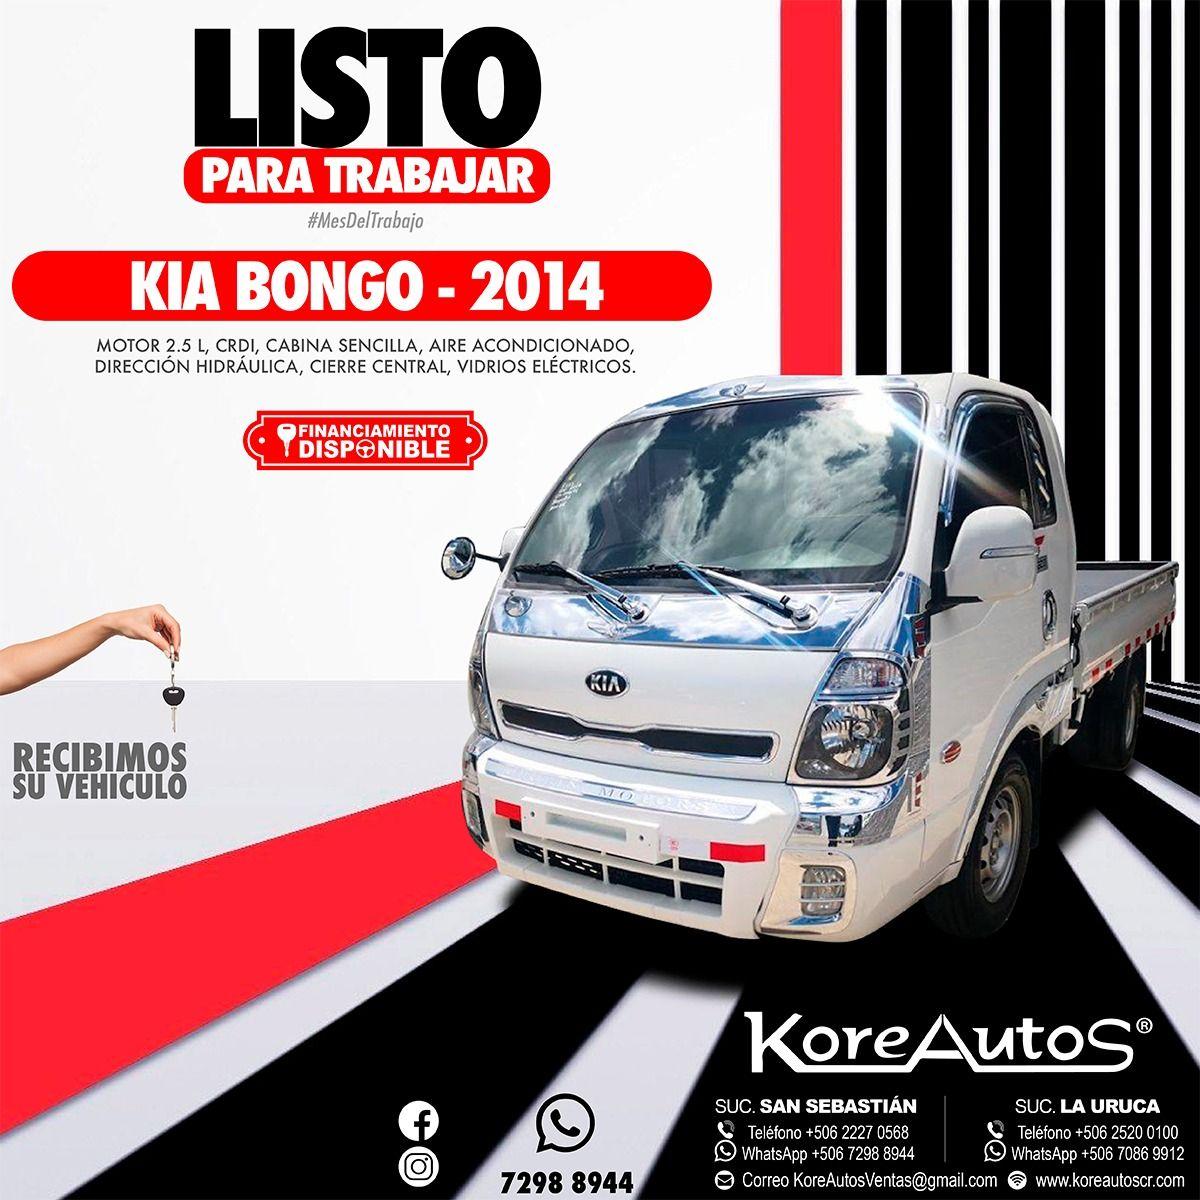 KIA Bongo 2014 Kia, Suv, Suv car